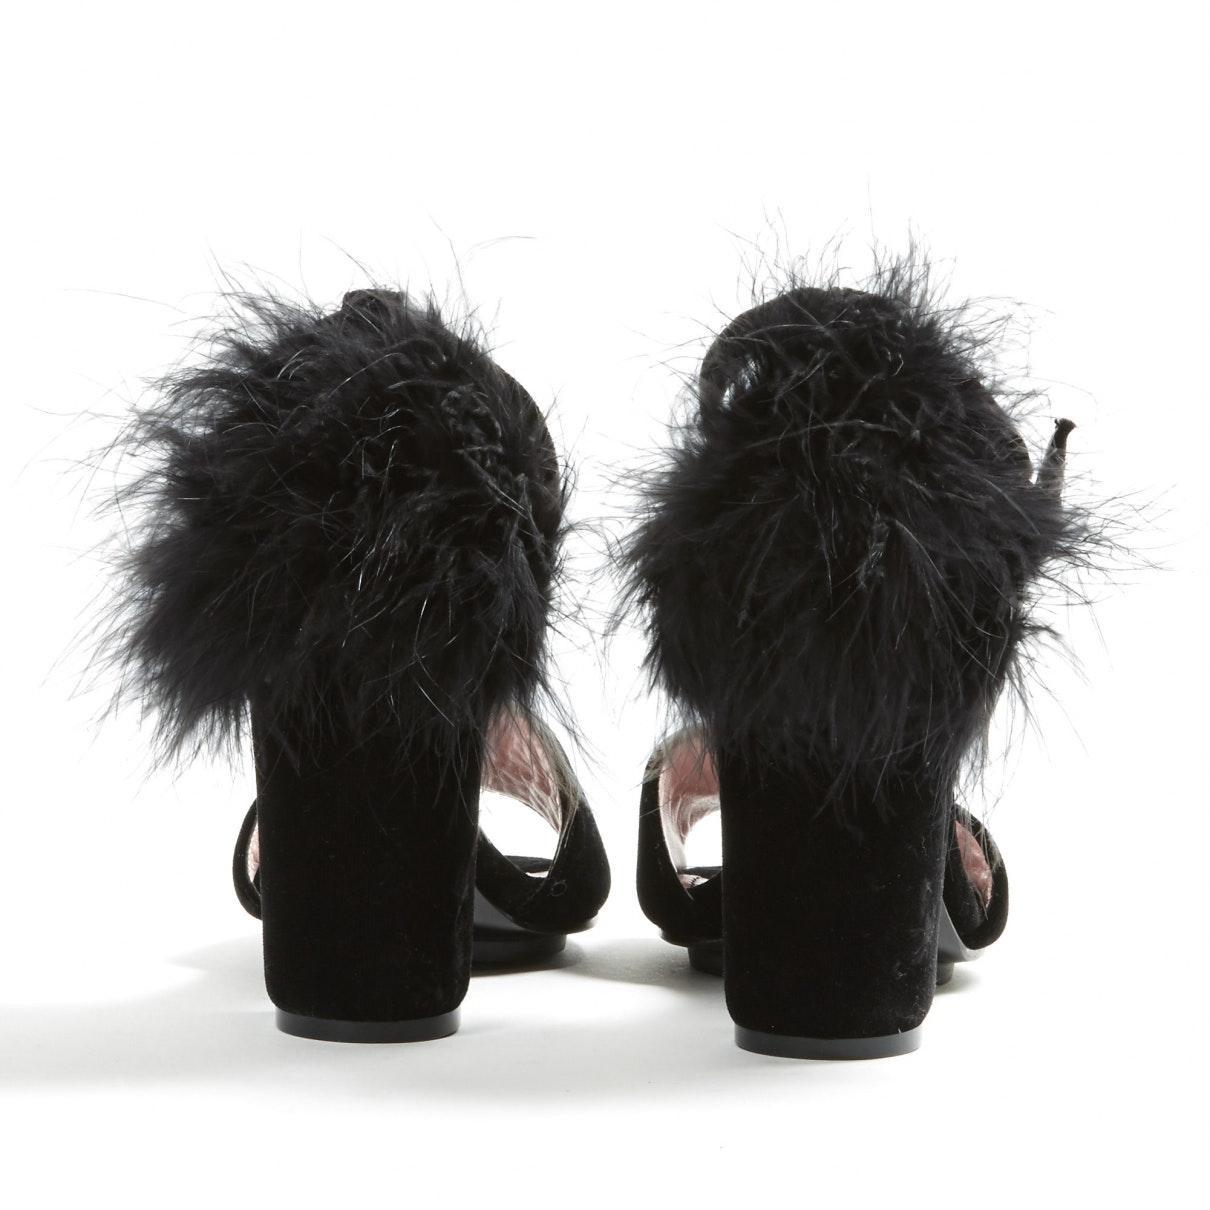 Tacones en terciopelo negro Sonia Rykiel de Terciopelo de color Negro